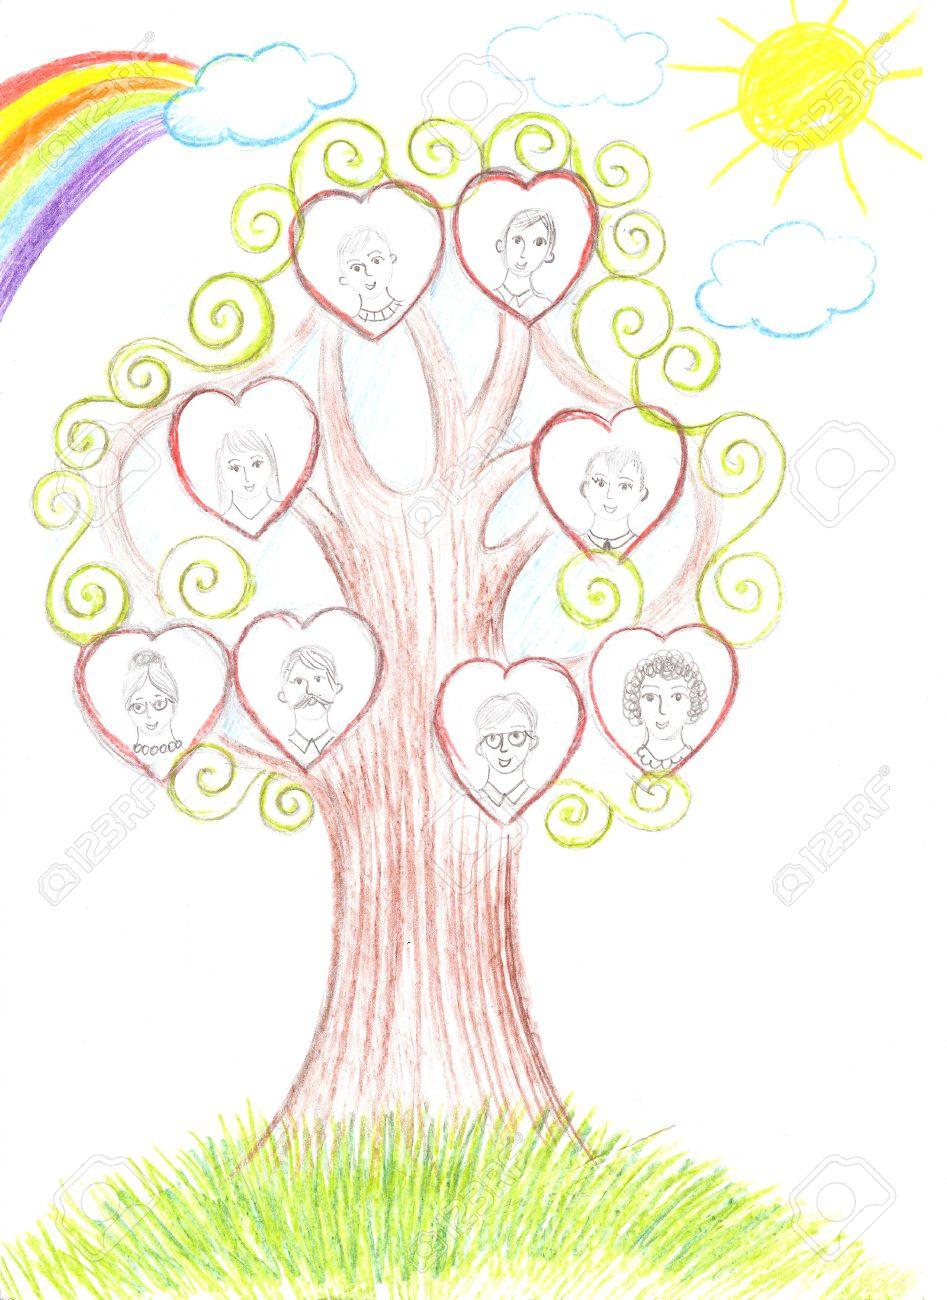 Dibujo Niños De La Familia Y El árbol Genealógico Fotos Retratos